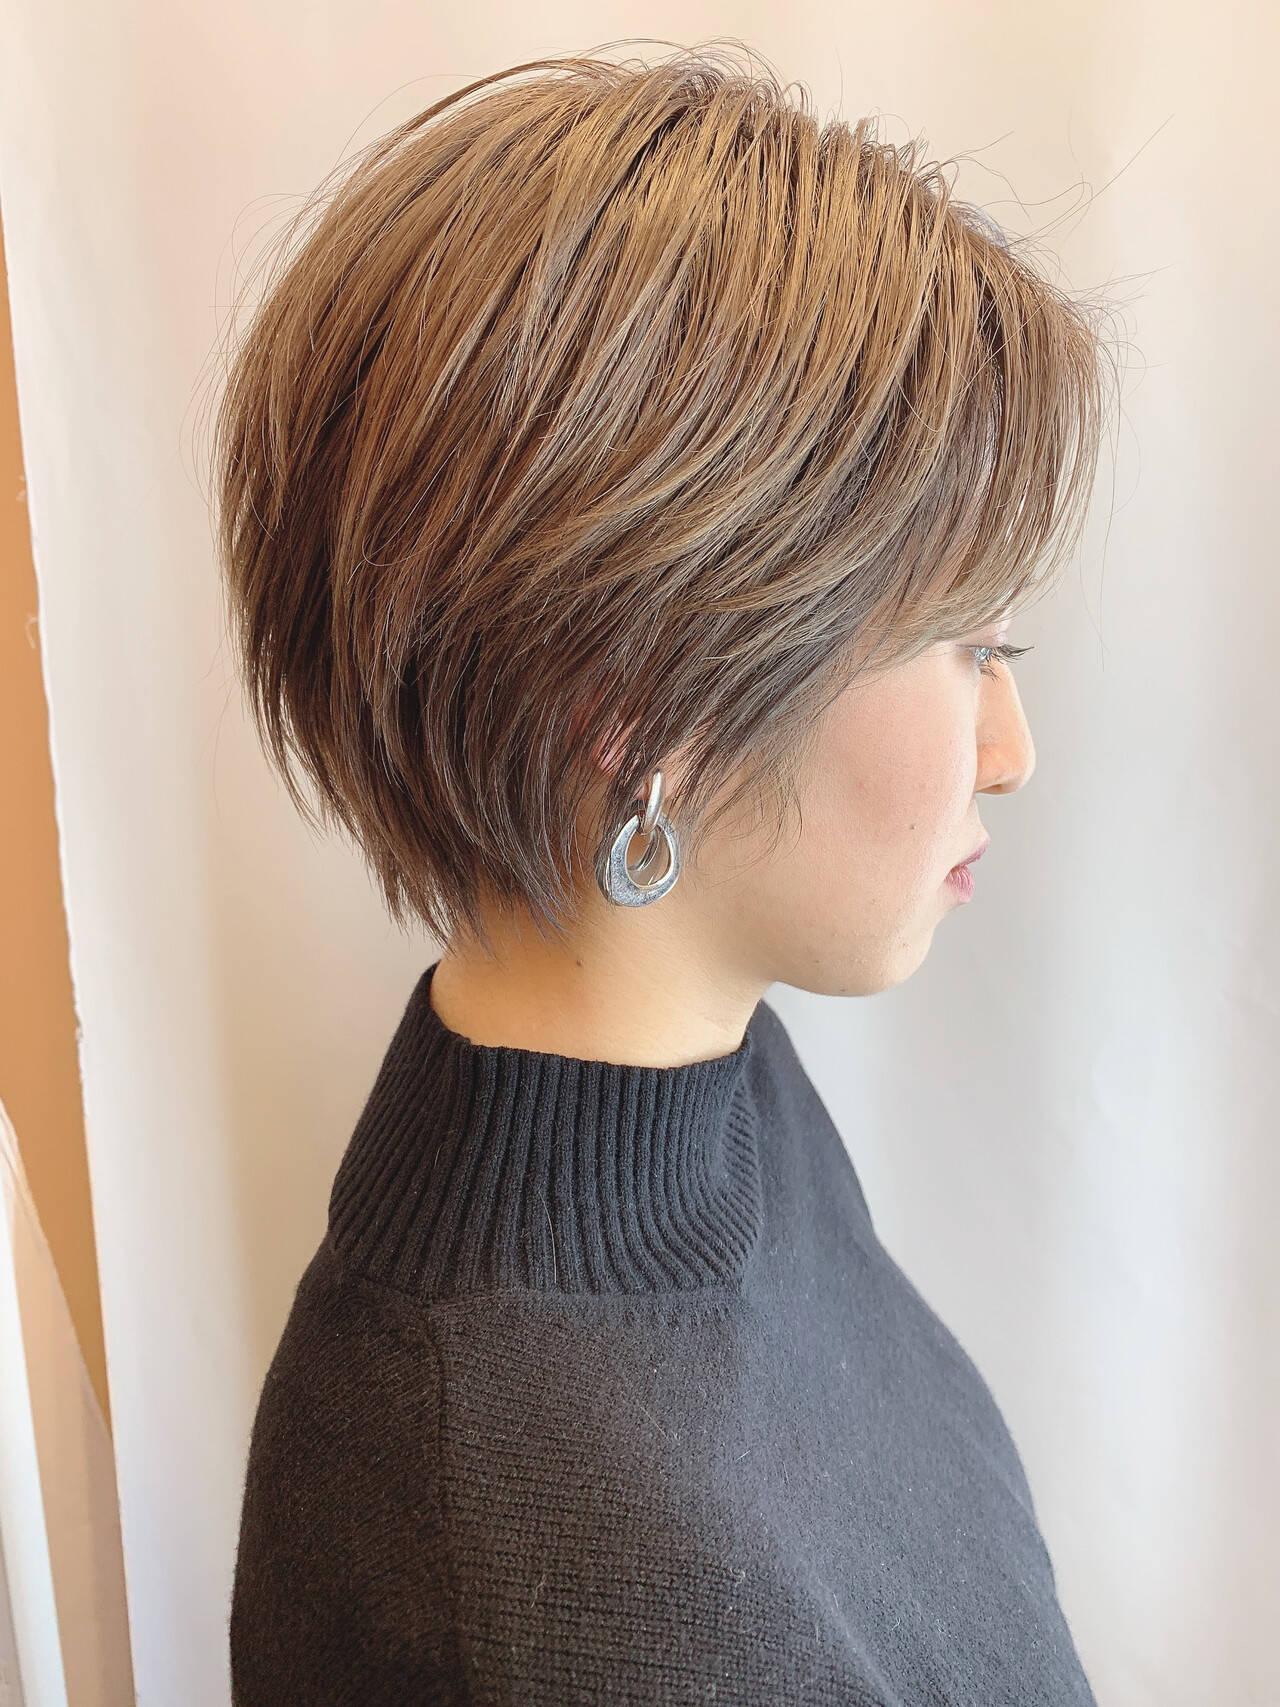 ベリーショート ショートヘア ナチュラル ハンサムショートヘアスタイルや髪型の写真・画像